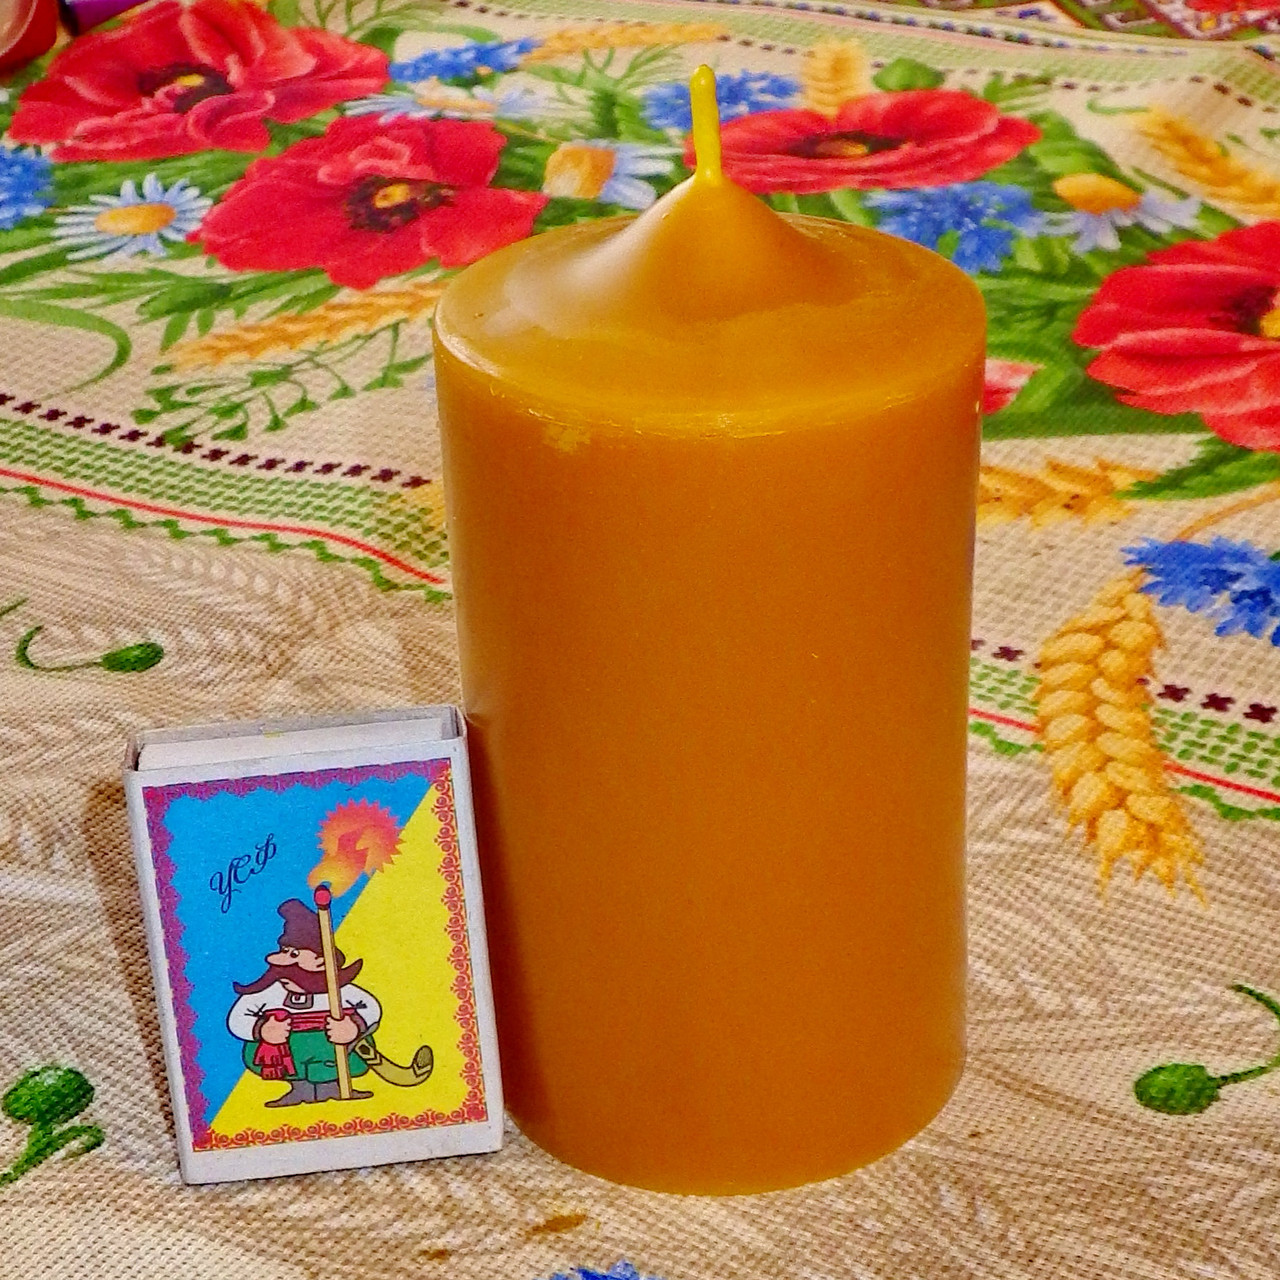 Циліндрична свічка D60-115мм з 100% бджолиного воску; Восковая свеча D60-115мм из 100% пчелиного воска